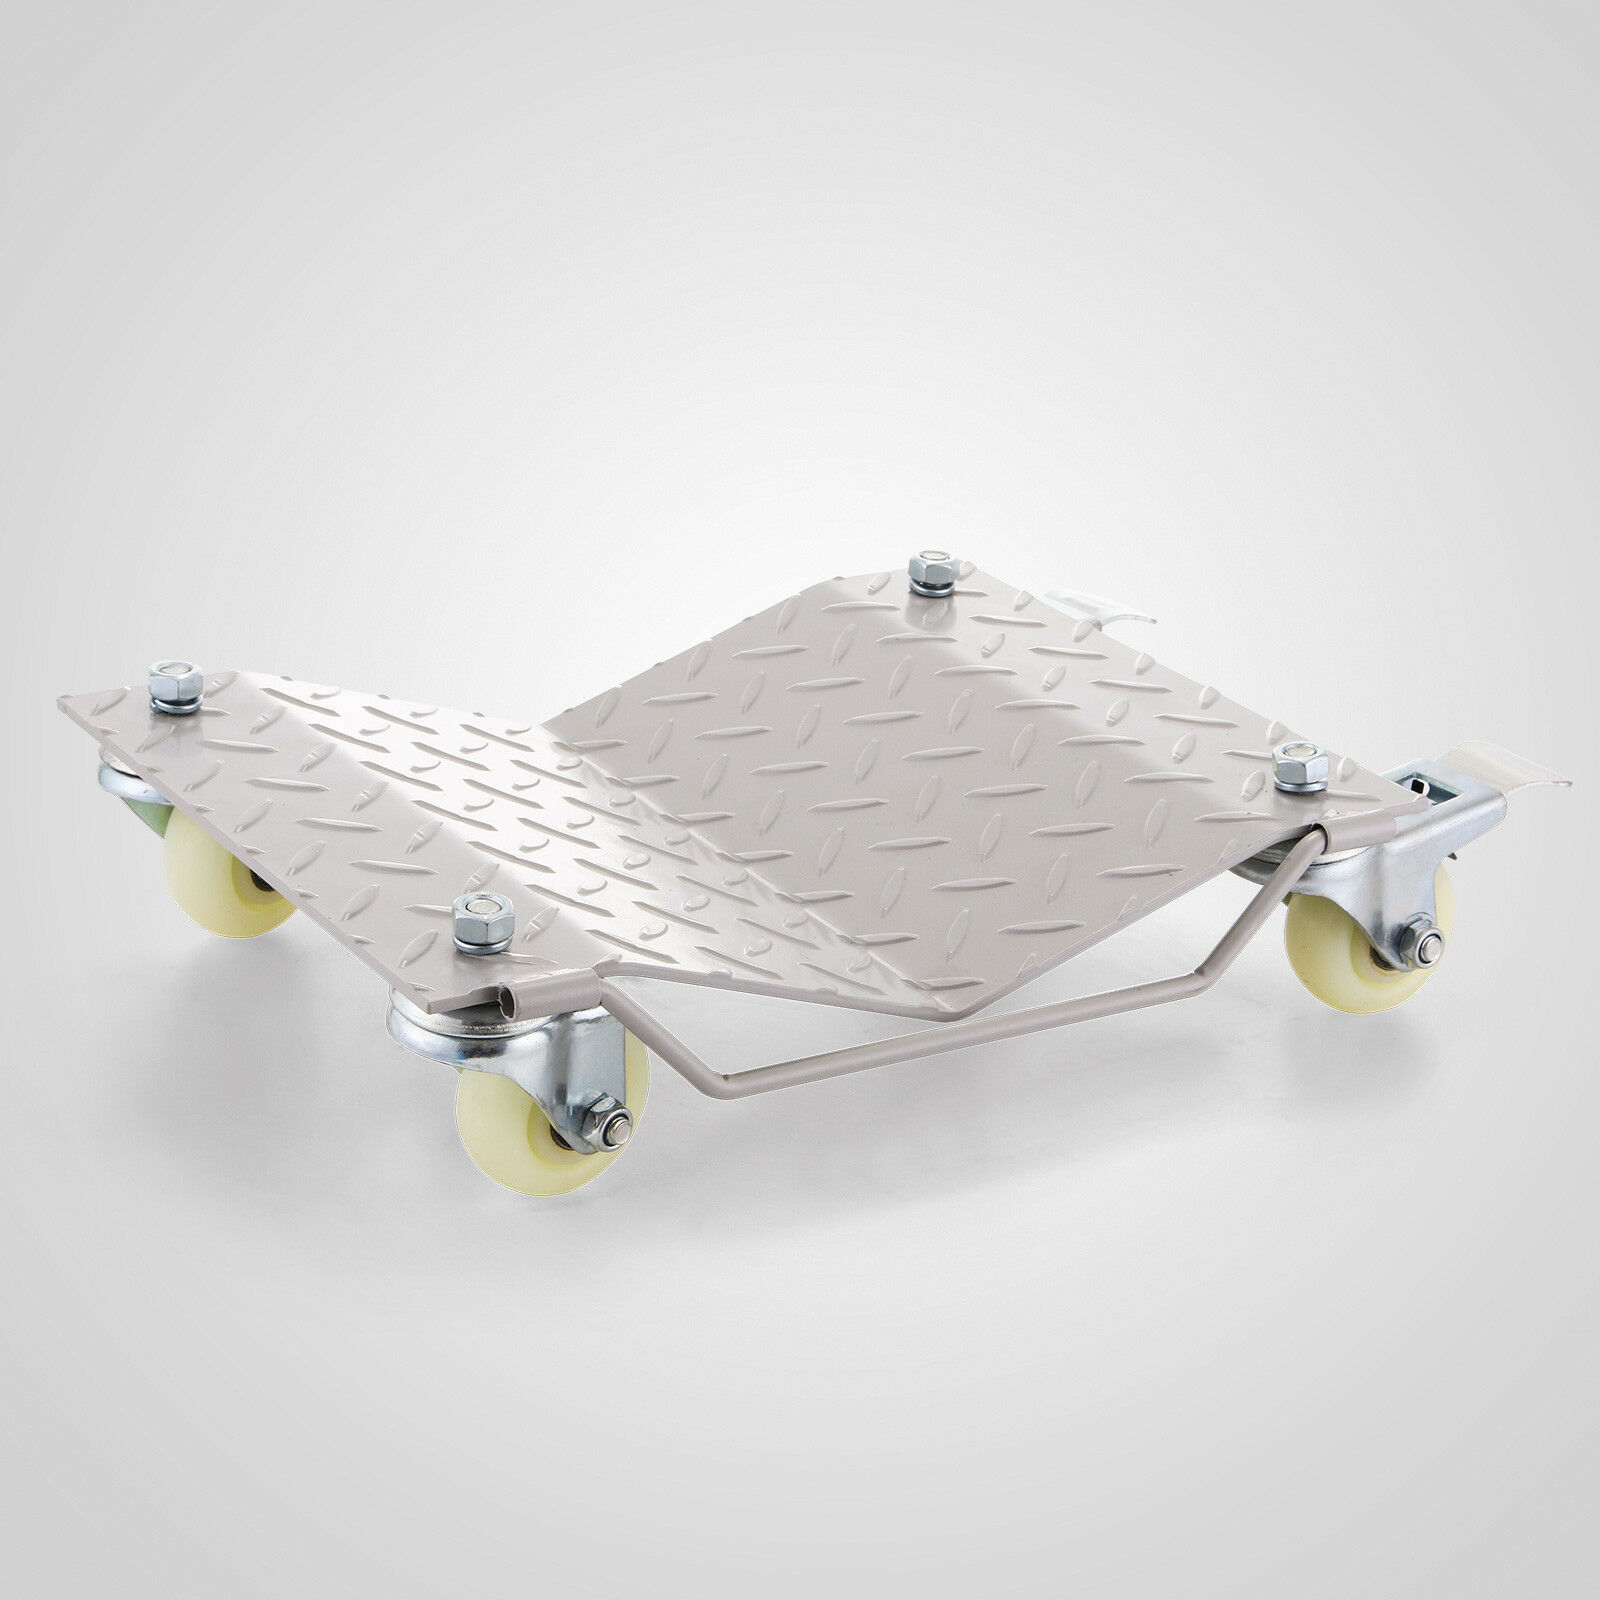 4 Wheel Dollies Skates Car Van Positioning Trolley 450kg Per Dolly Car